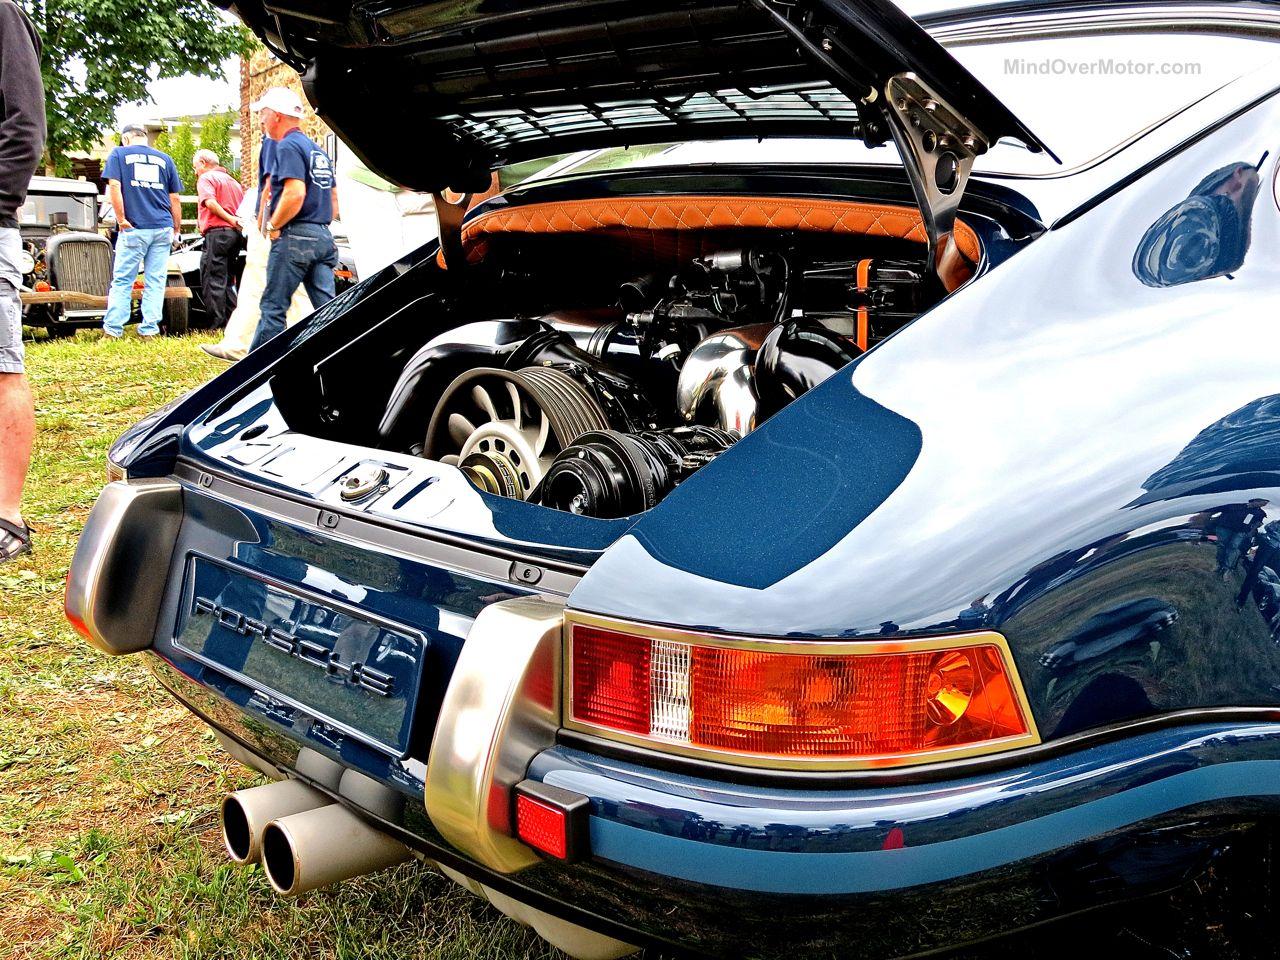 Singer Porsche 911 Radnor Hunt 8